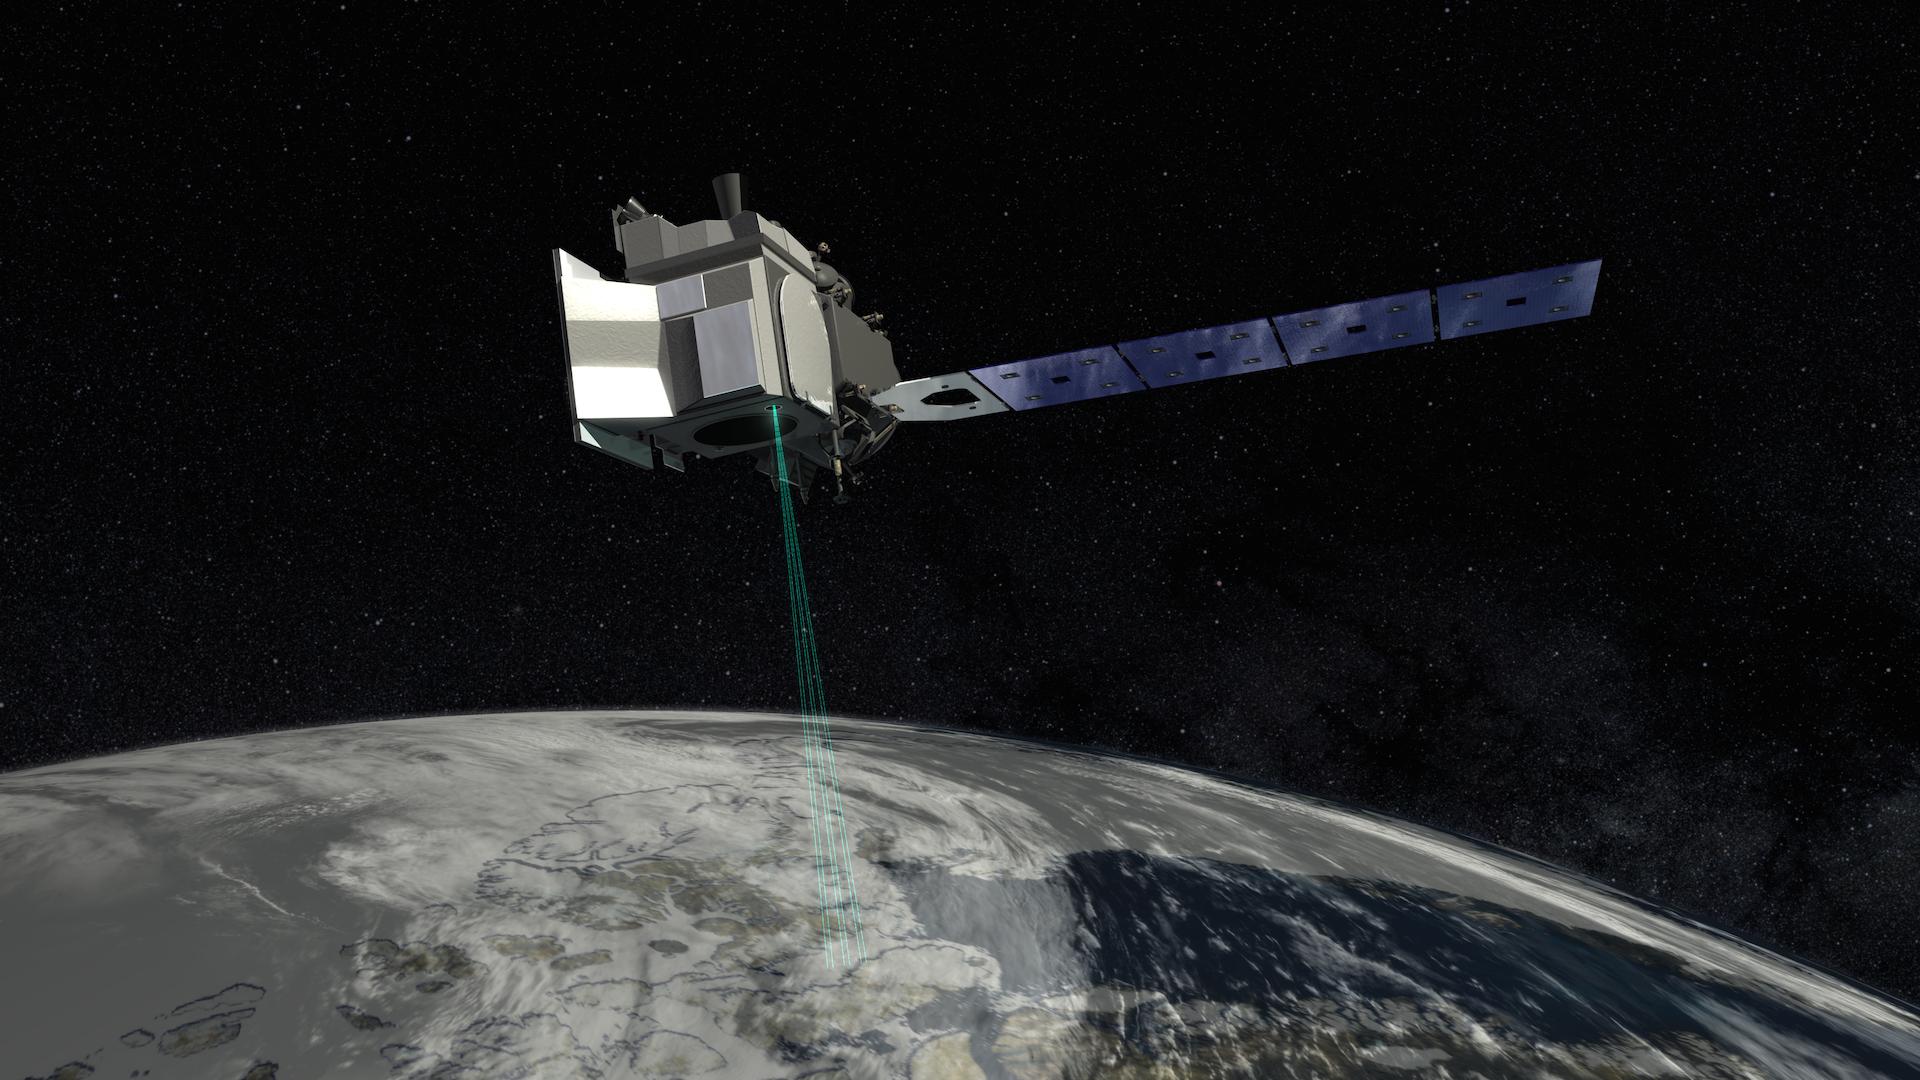 ICESat-2 - Wikipedia